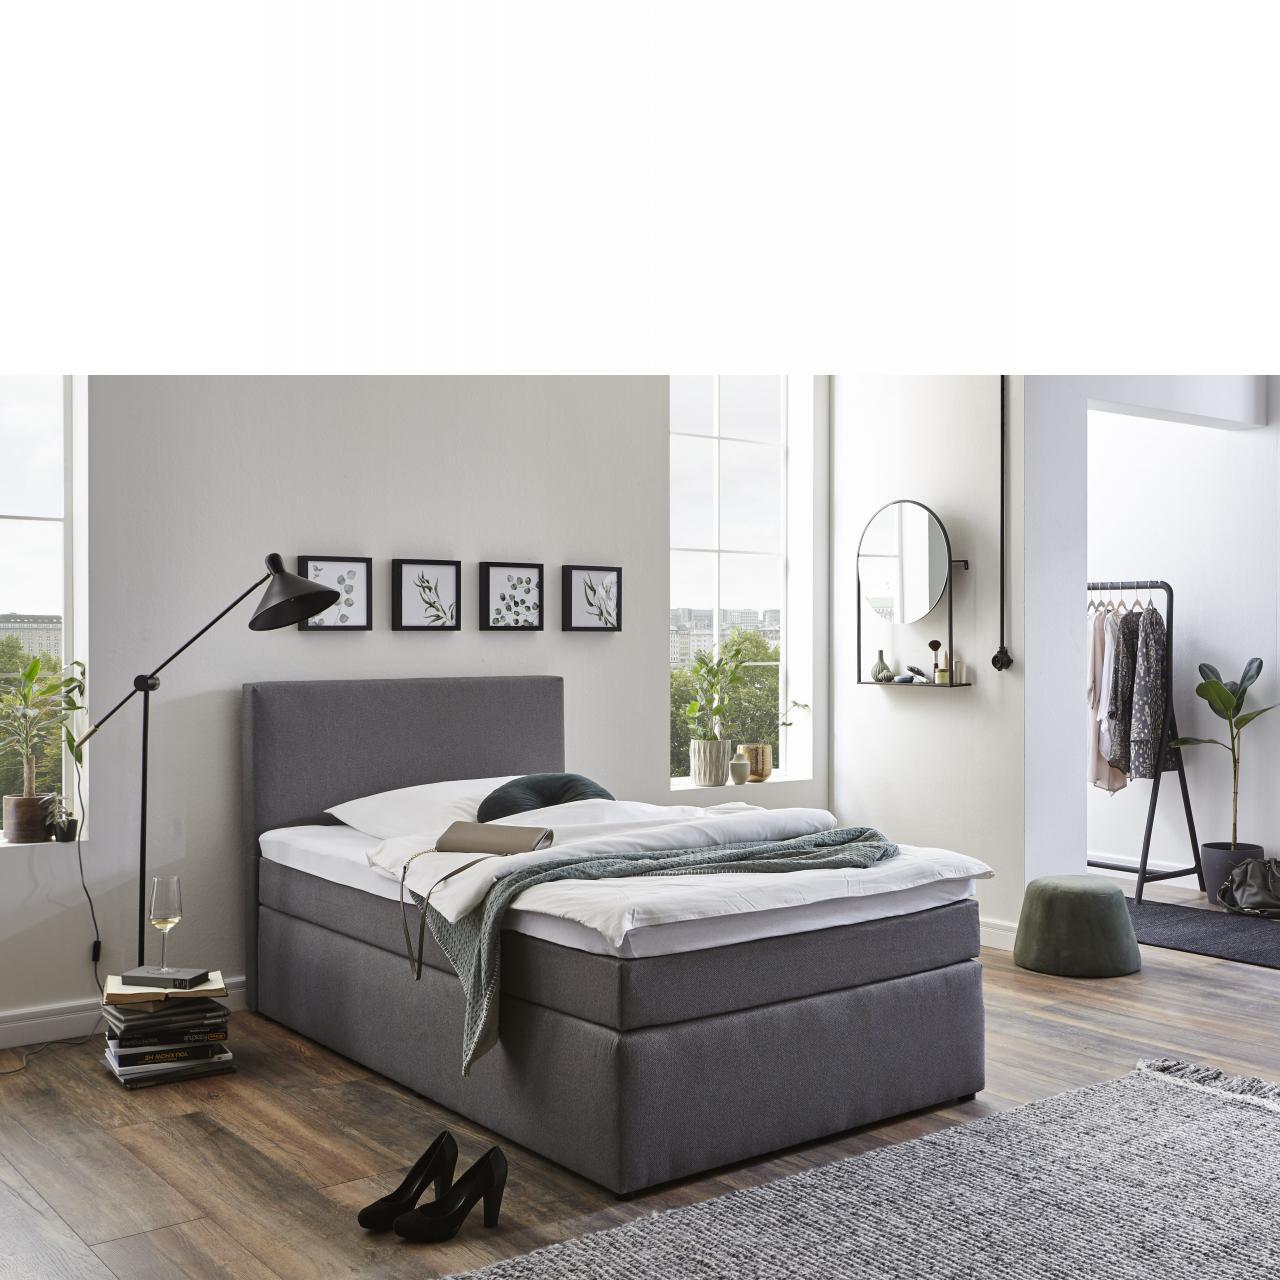 Full Size of Betten 120x200 Bett Mit Bettkasten Weiß Matratze Und Lattenrost Wohnzimmer Bettgestell 120x200